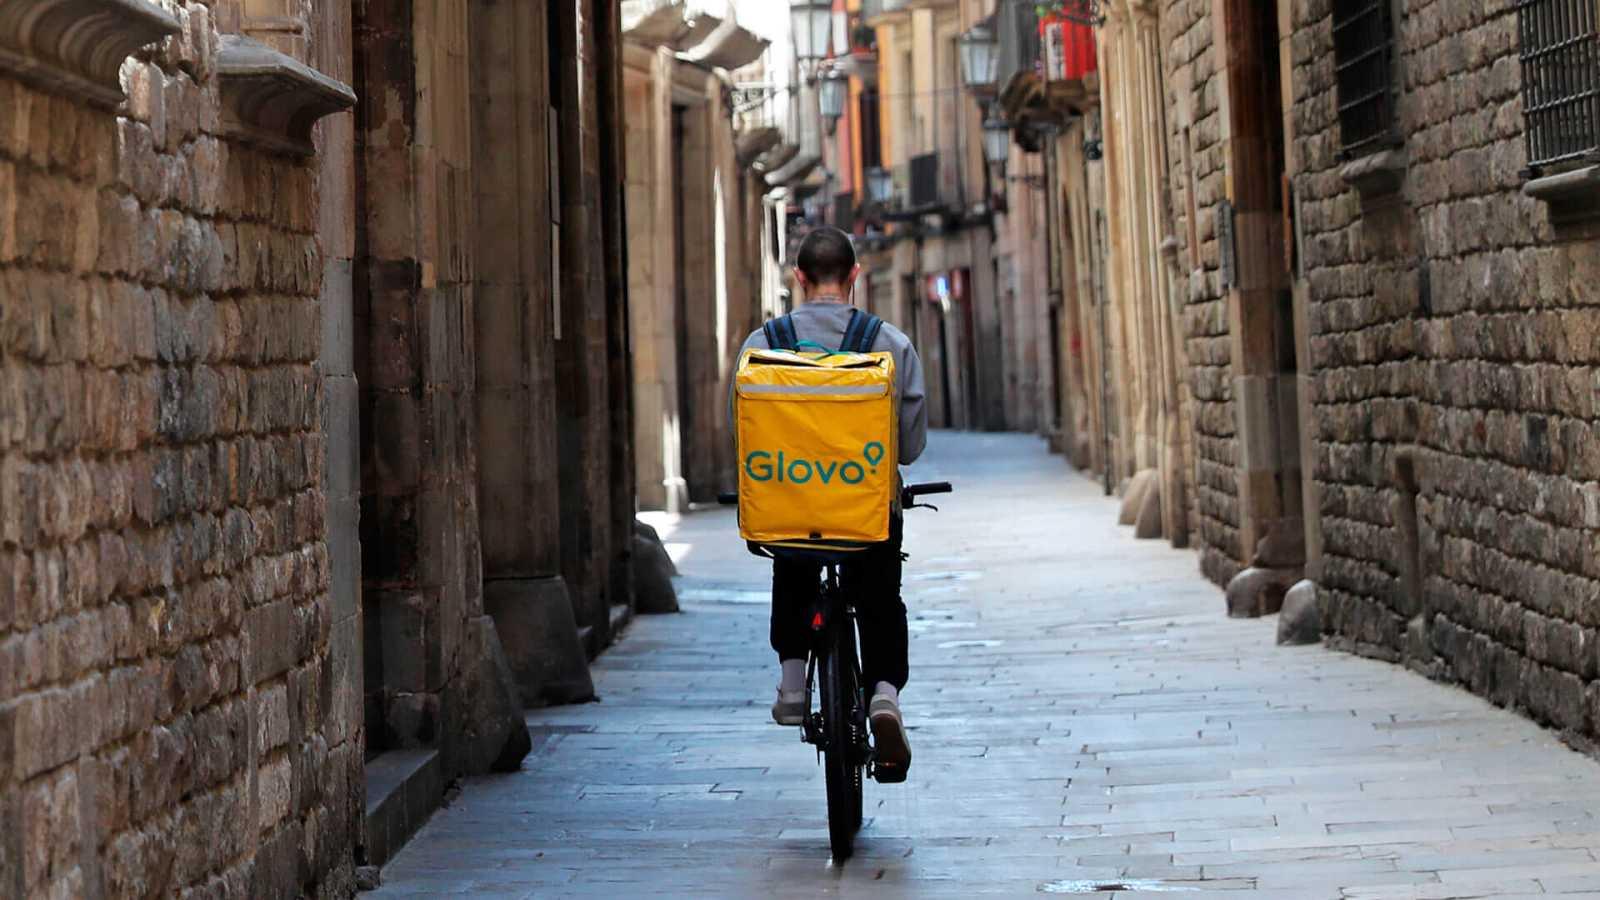 Repartidor de la plataforma Glovo en una calle solitaria de Barcelona